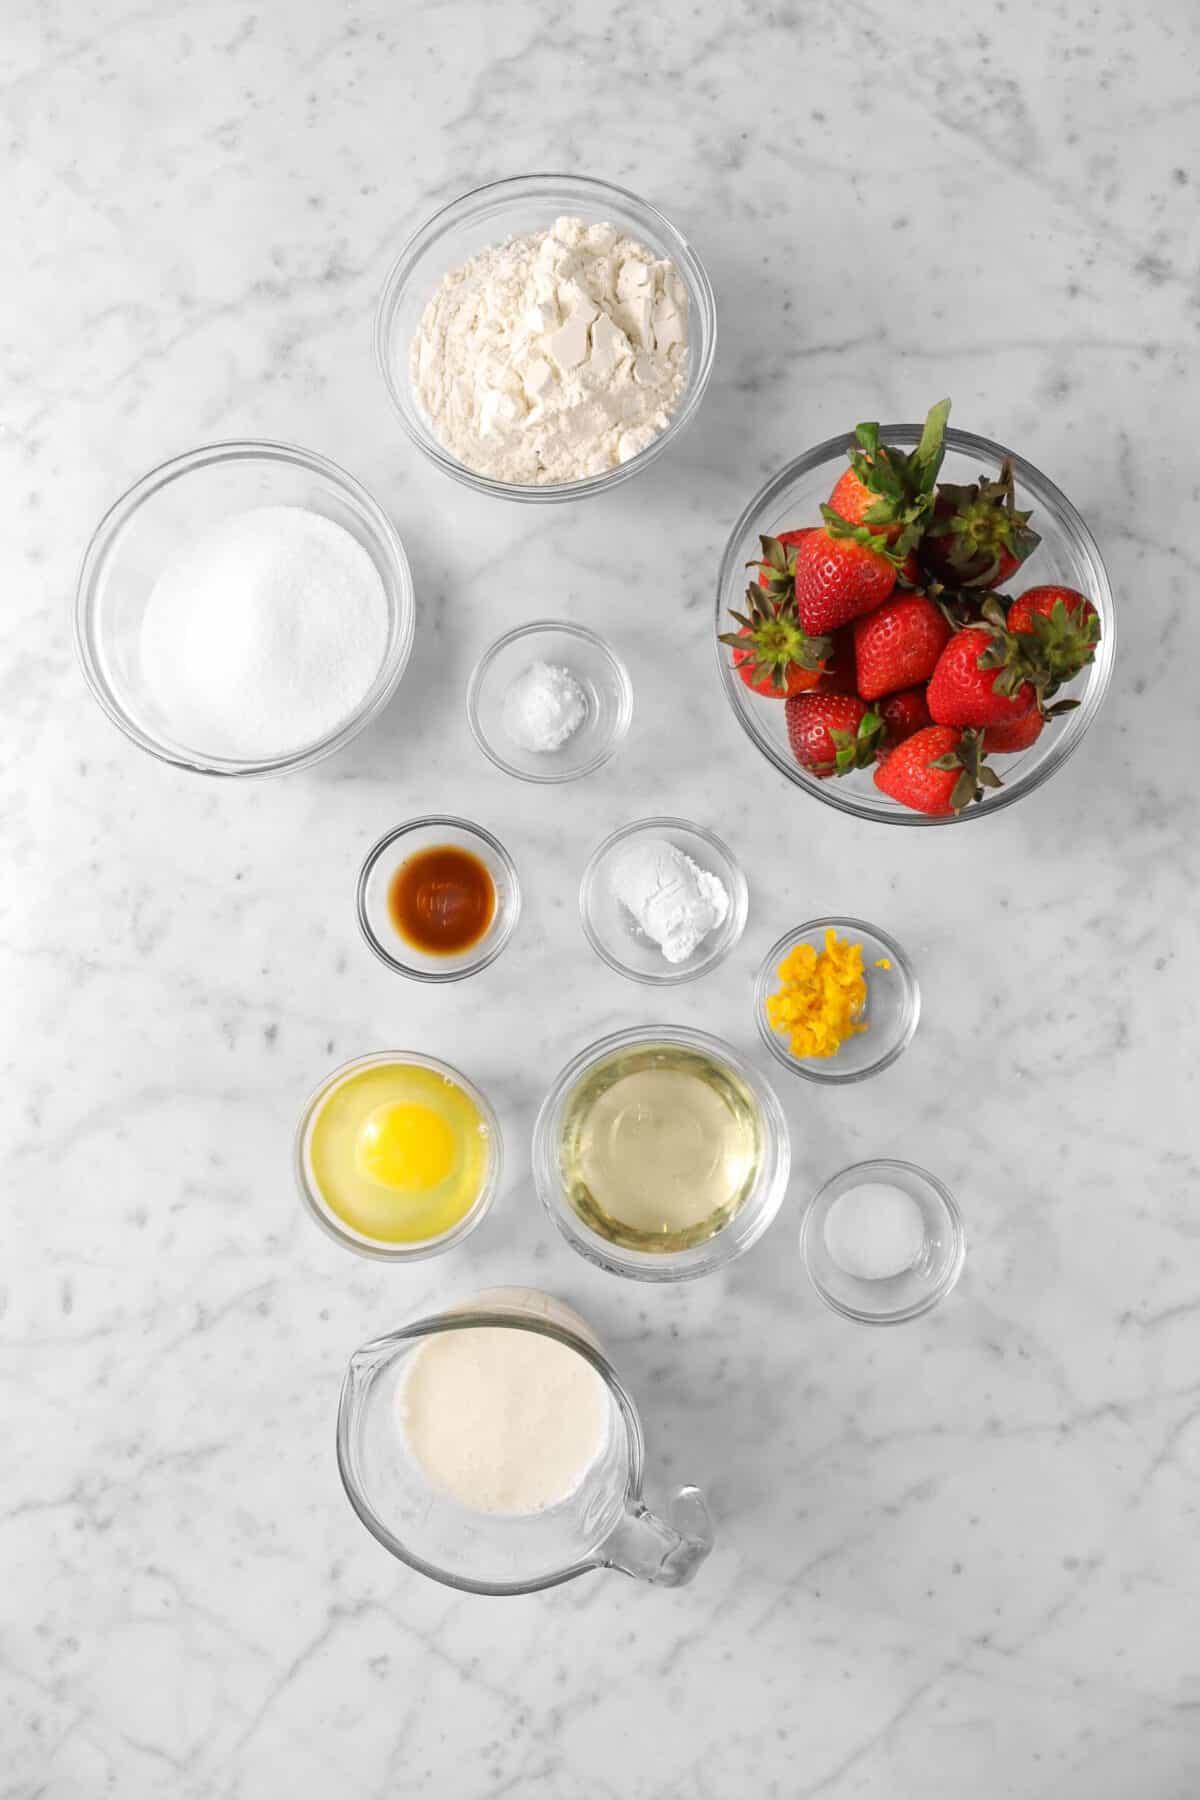 flour, sugar, baking soda, baking powder, orange zest, oil, egg, salt, buttermilk, and strawberries in bowls